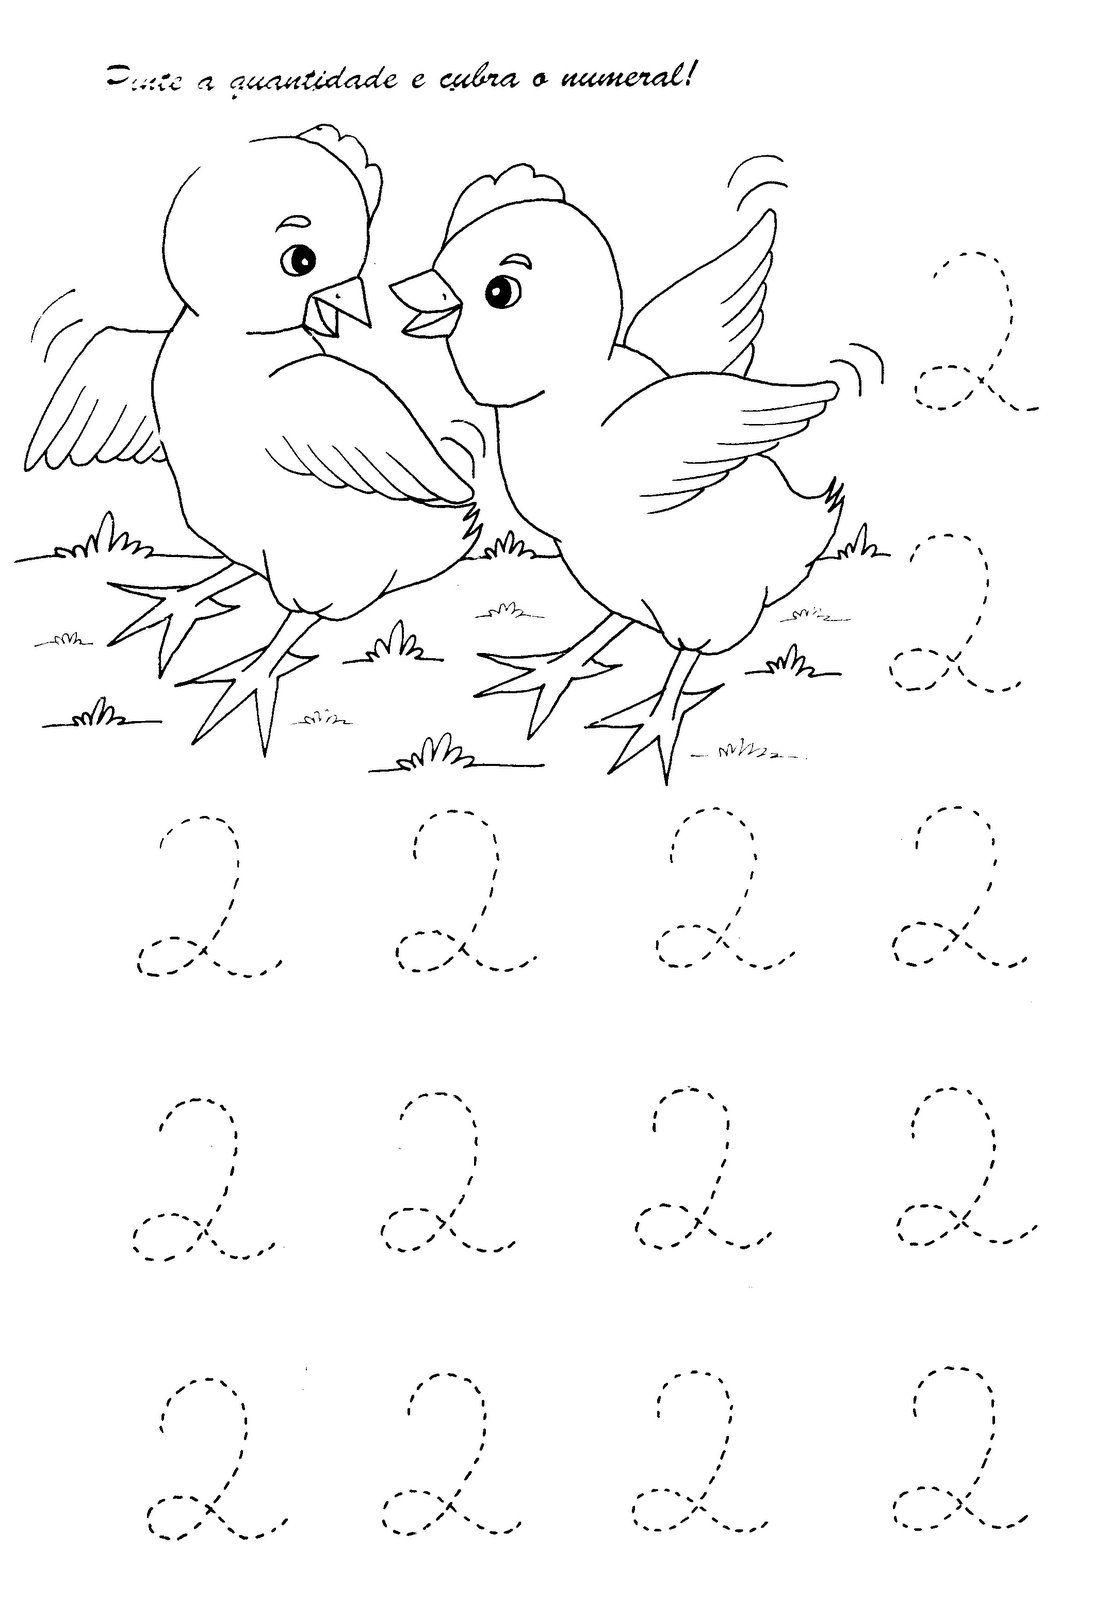 Muito BaiduImage numeros pontilhados para imprimir_Pesquisa do Hao123  OZ73